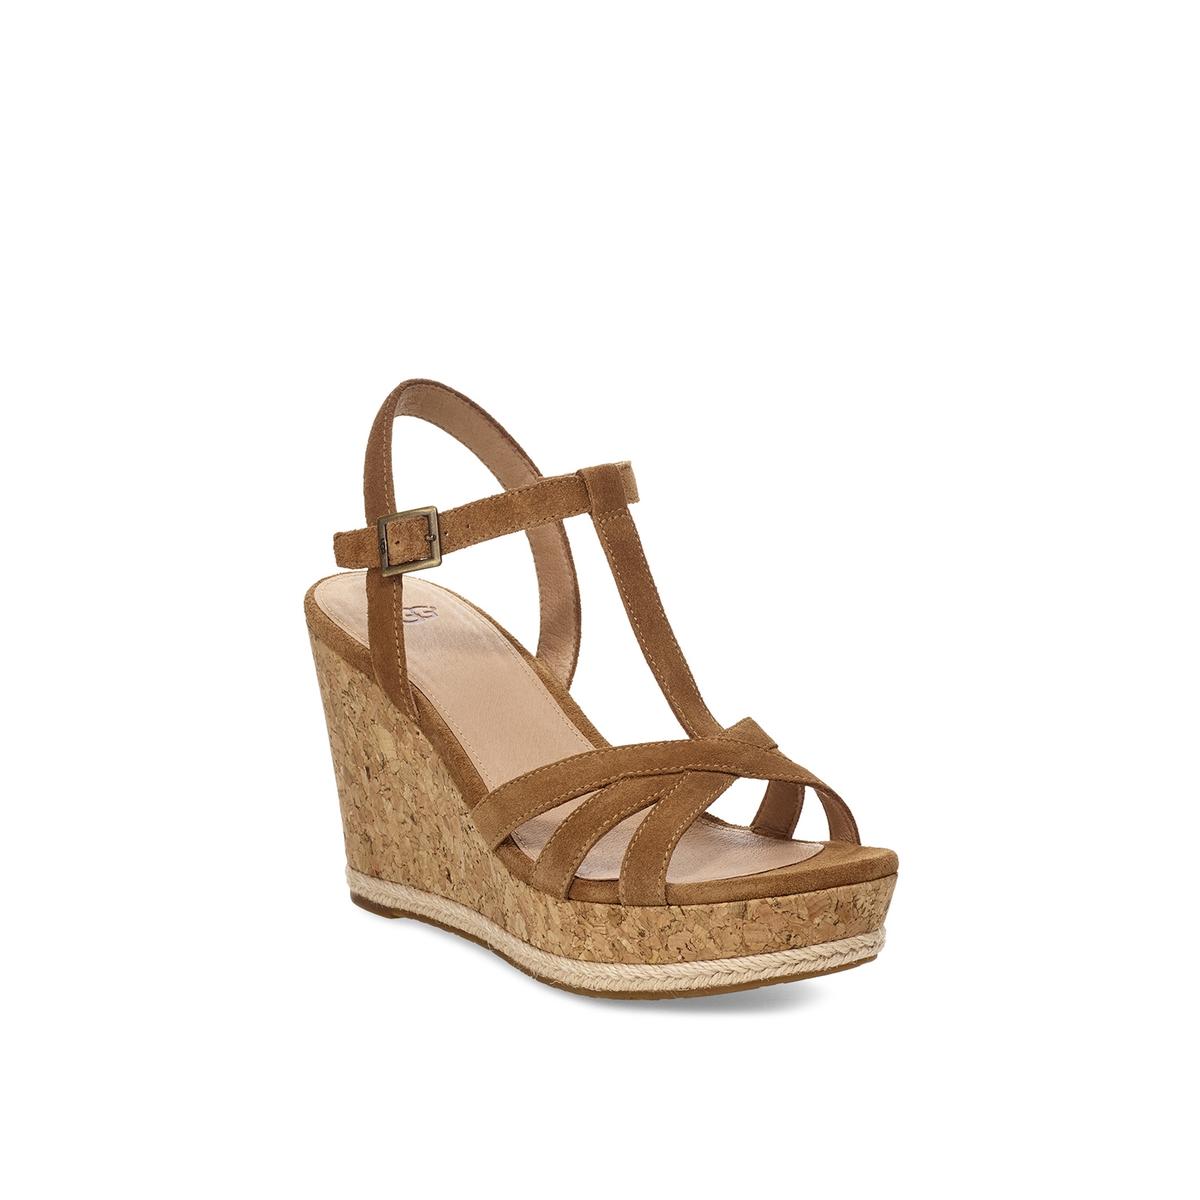 Imagen secundaria de producto de Sandalias con tacón de cuña de piel aterciopelada Melissa - UGG